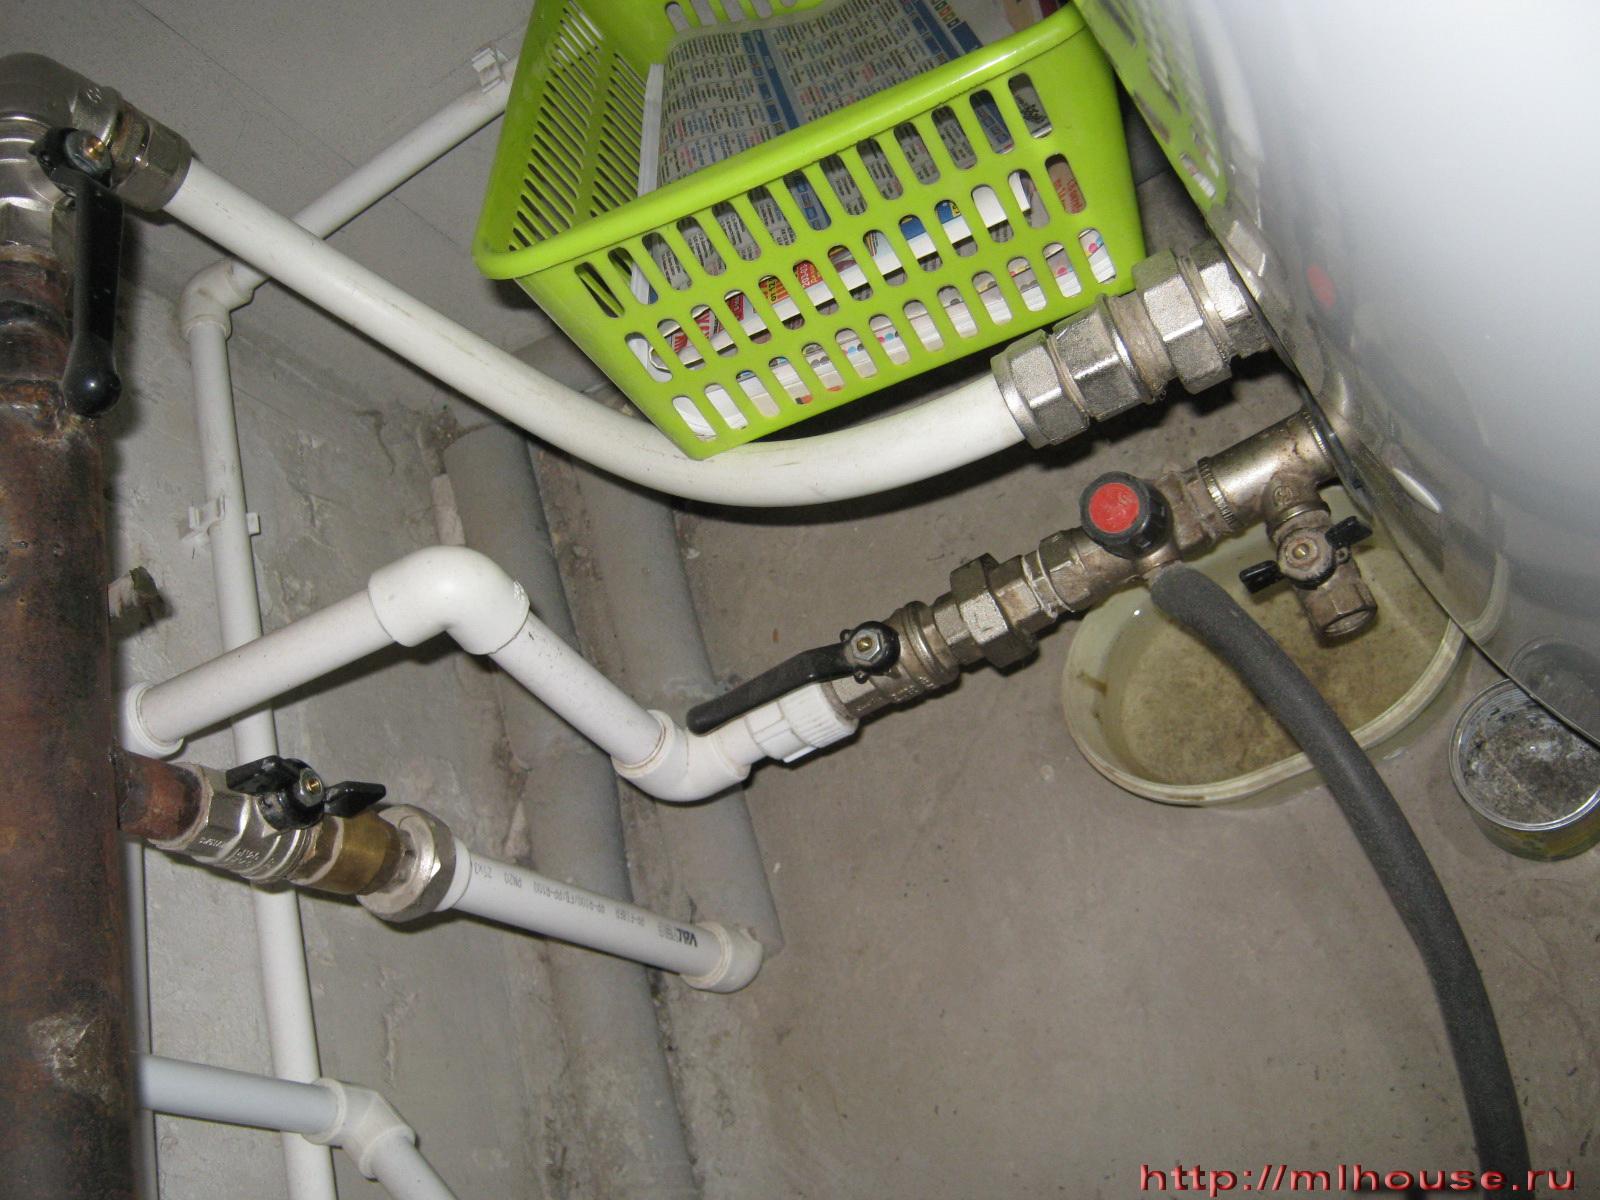 Как сделать горячее водоснабжение в частном доме своими руками